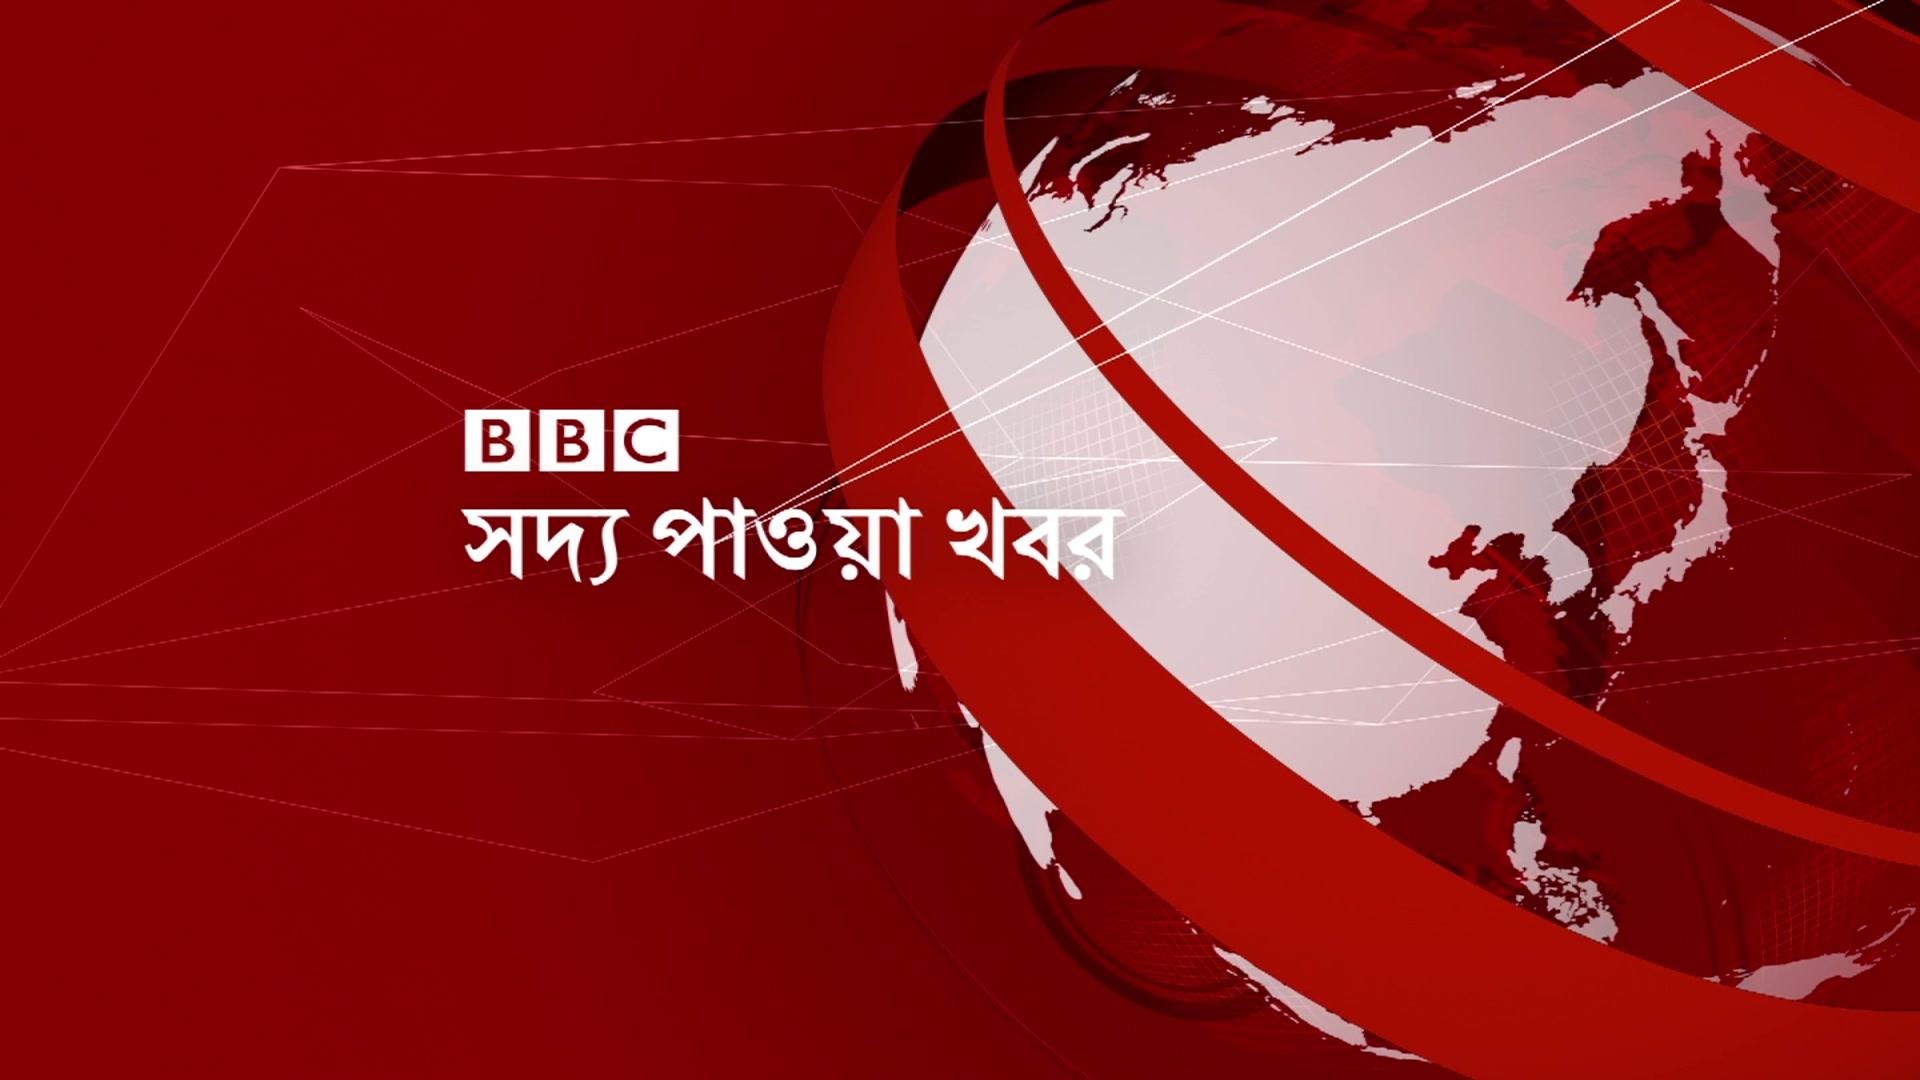 সংসদ নির্বাচন: খালেদা জিয়ার প্রার্থিতা নিয়ে রিট খারিজ করে দিয়েছে আদালত